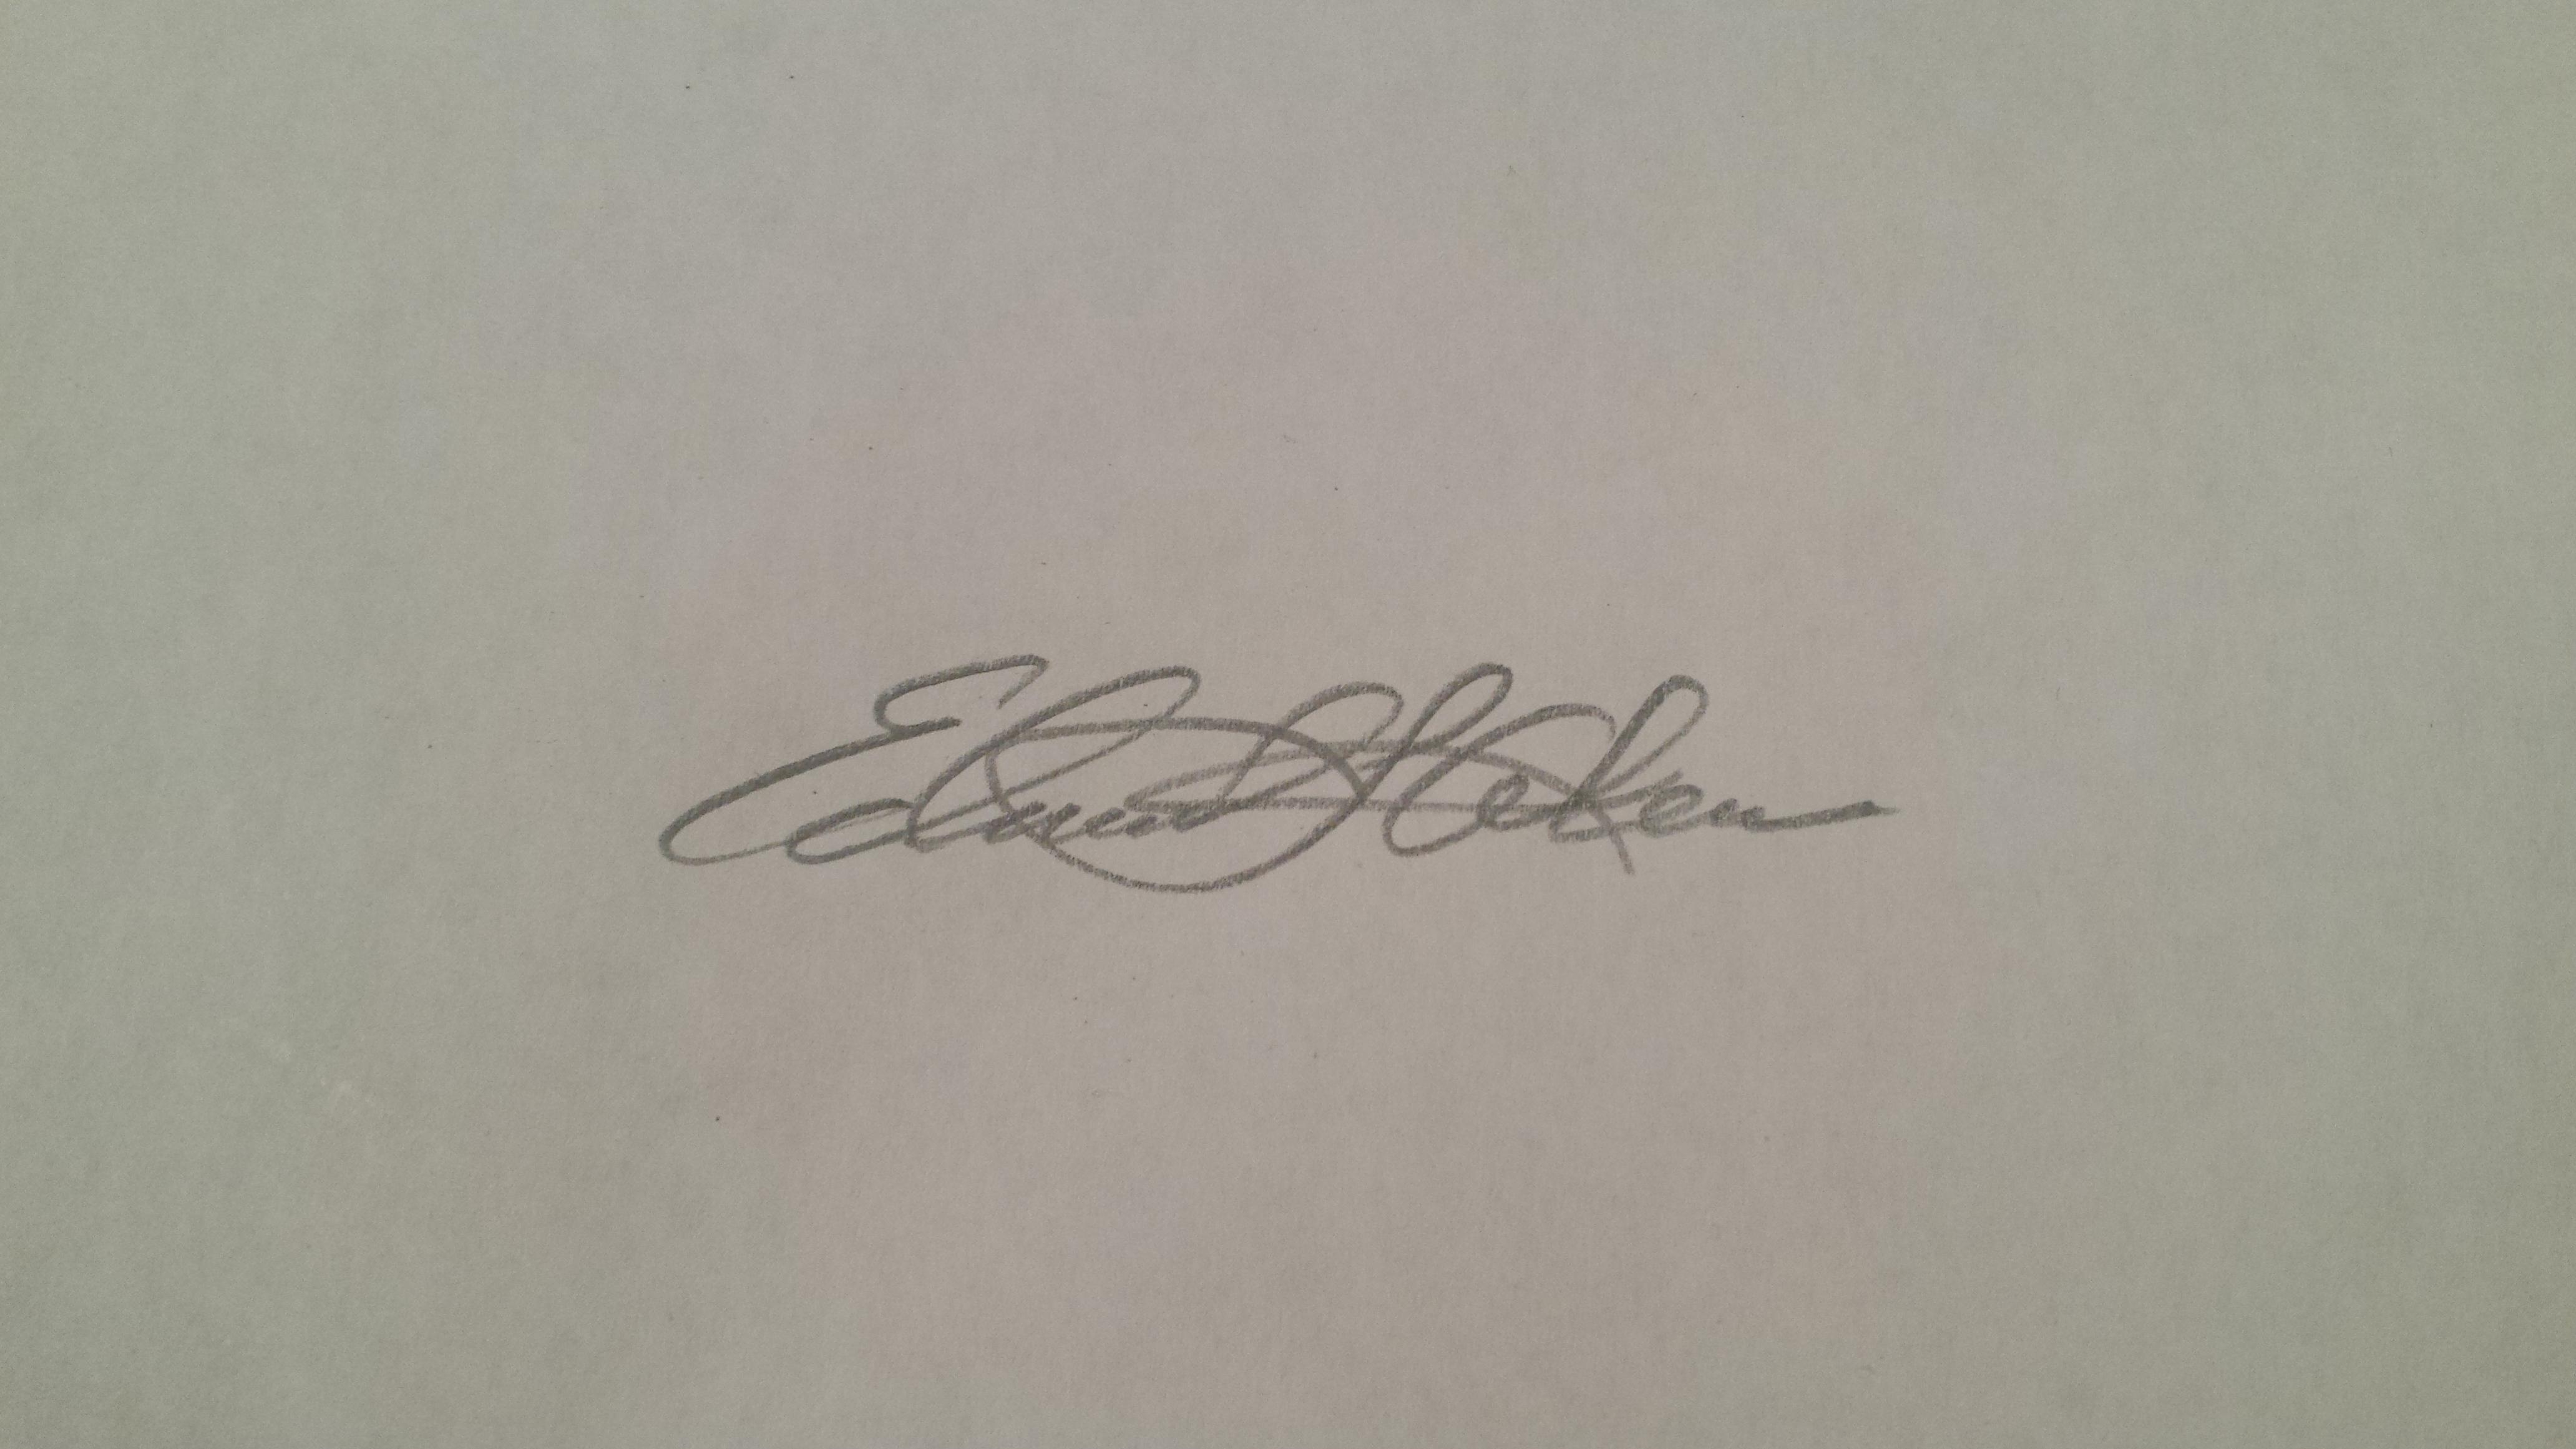 Edmund Akers Signature